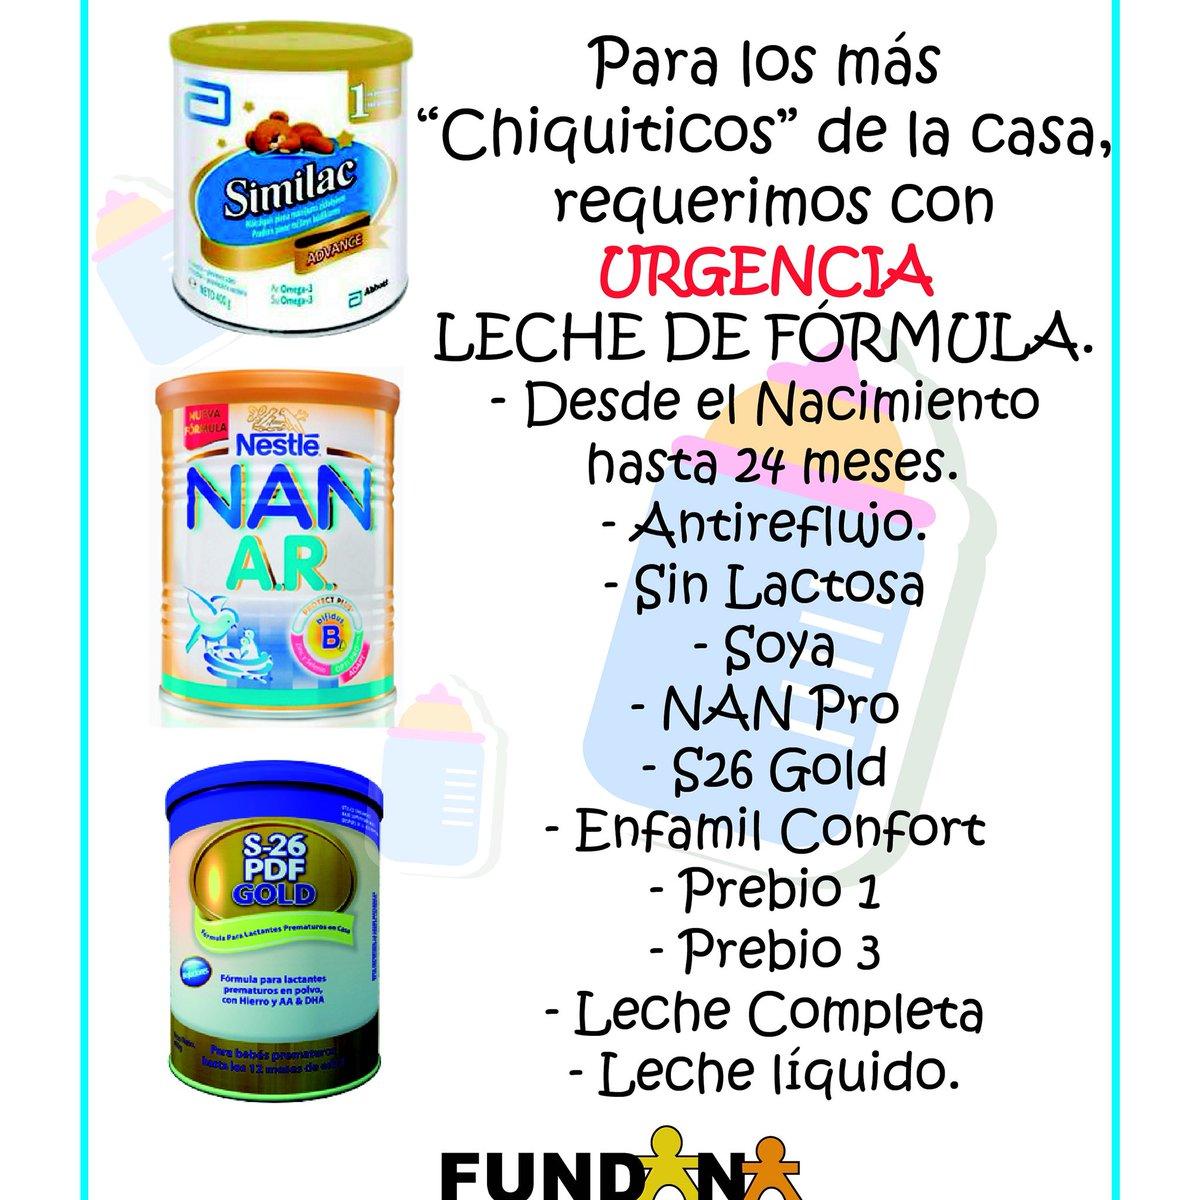 Necesitamos leche de fórmula para los niños de @FFUNDANA si nos puedes ayudar llamanos 02122575152 https://t.co/qgE2d3nIdq